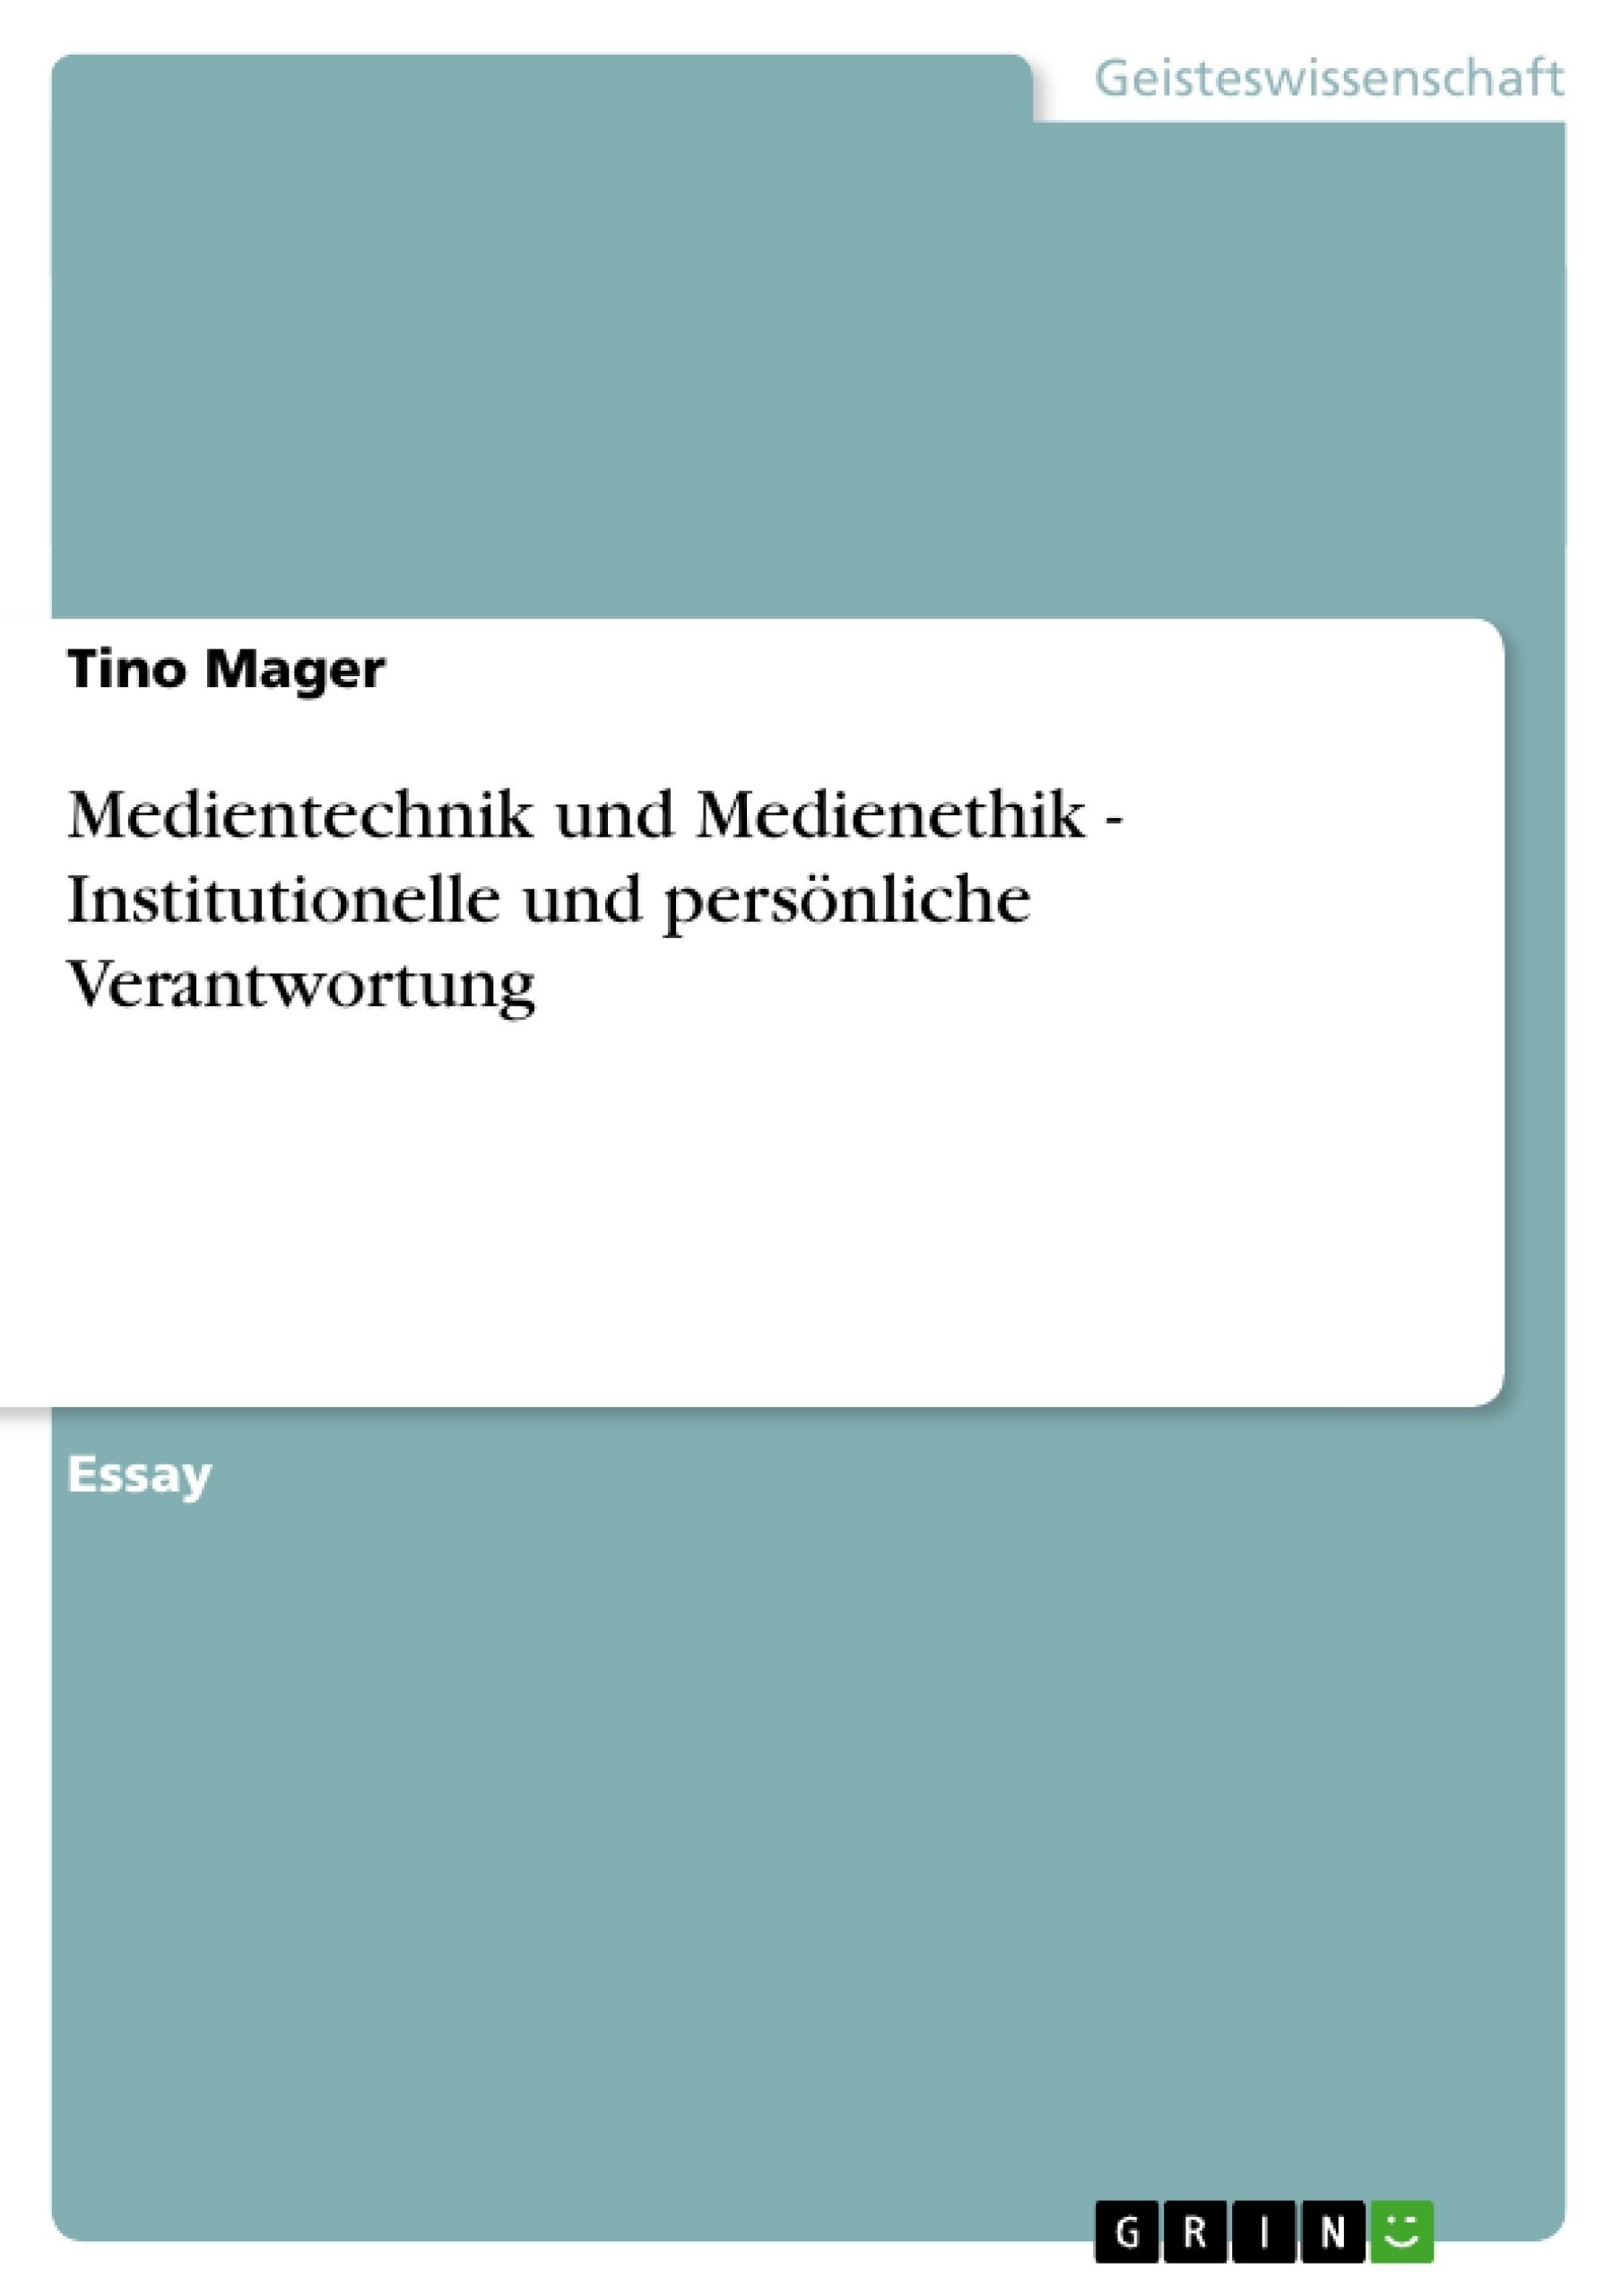 Titel: Medientechnik und Medienethik - Institutionelle und persönliche Verantwortung